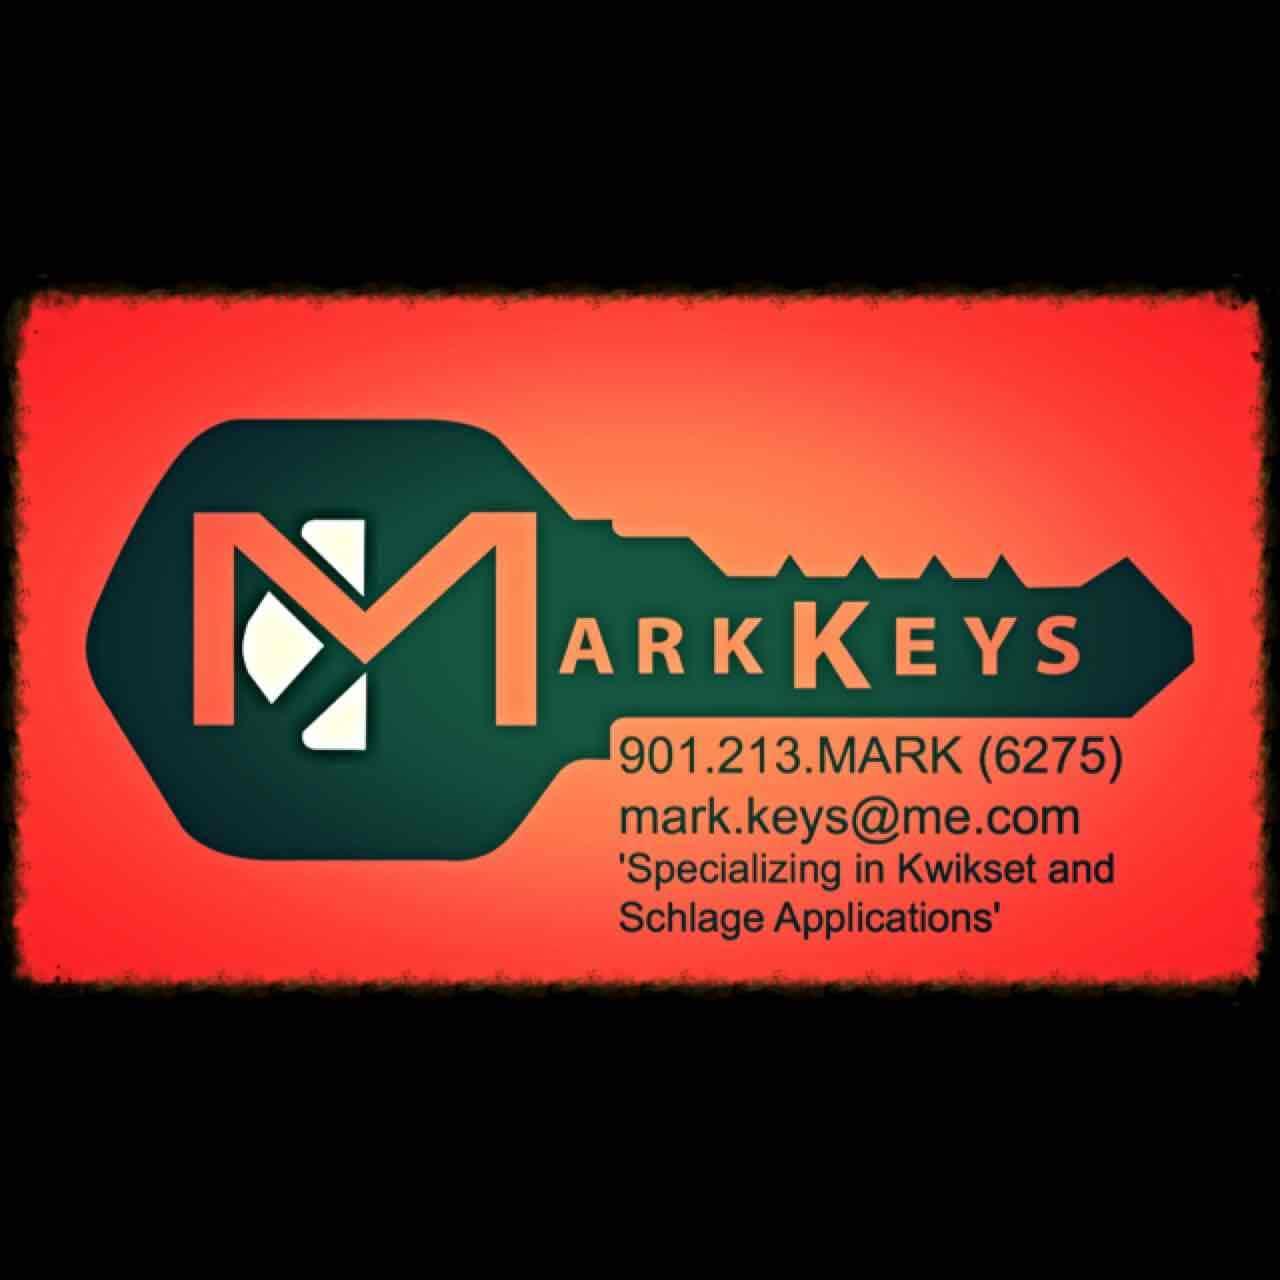 MarkKeys